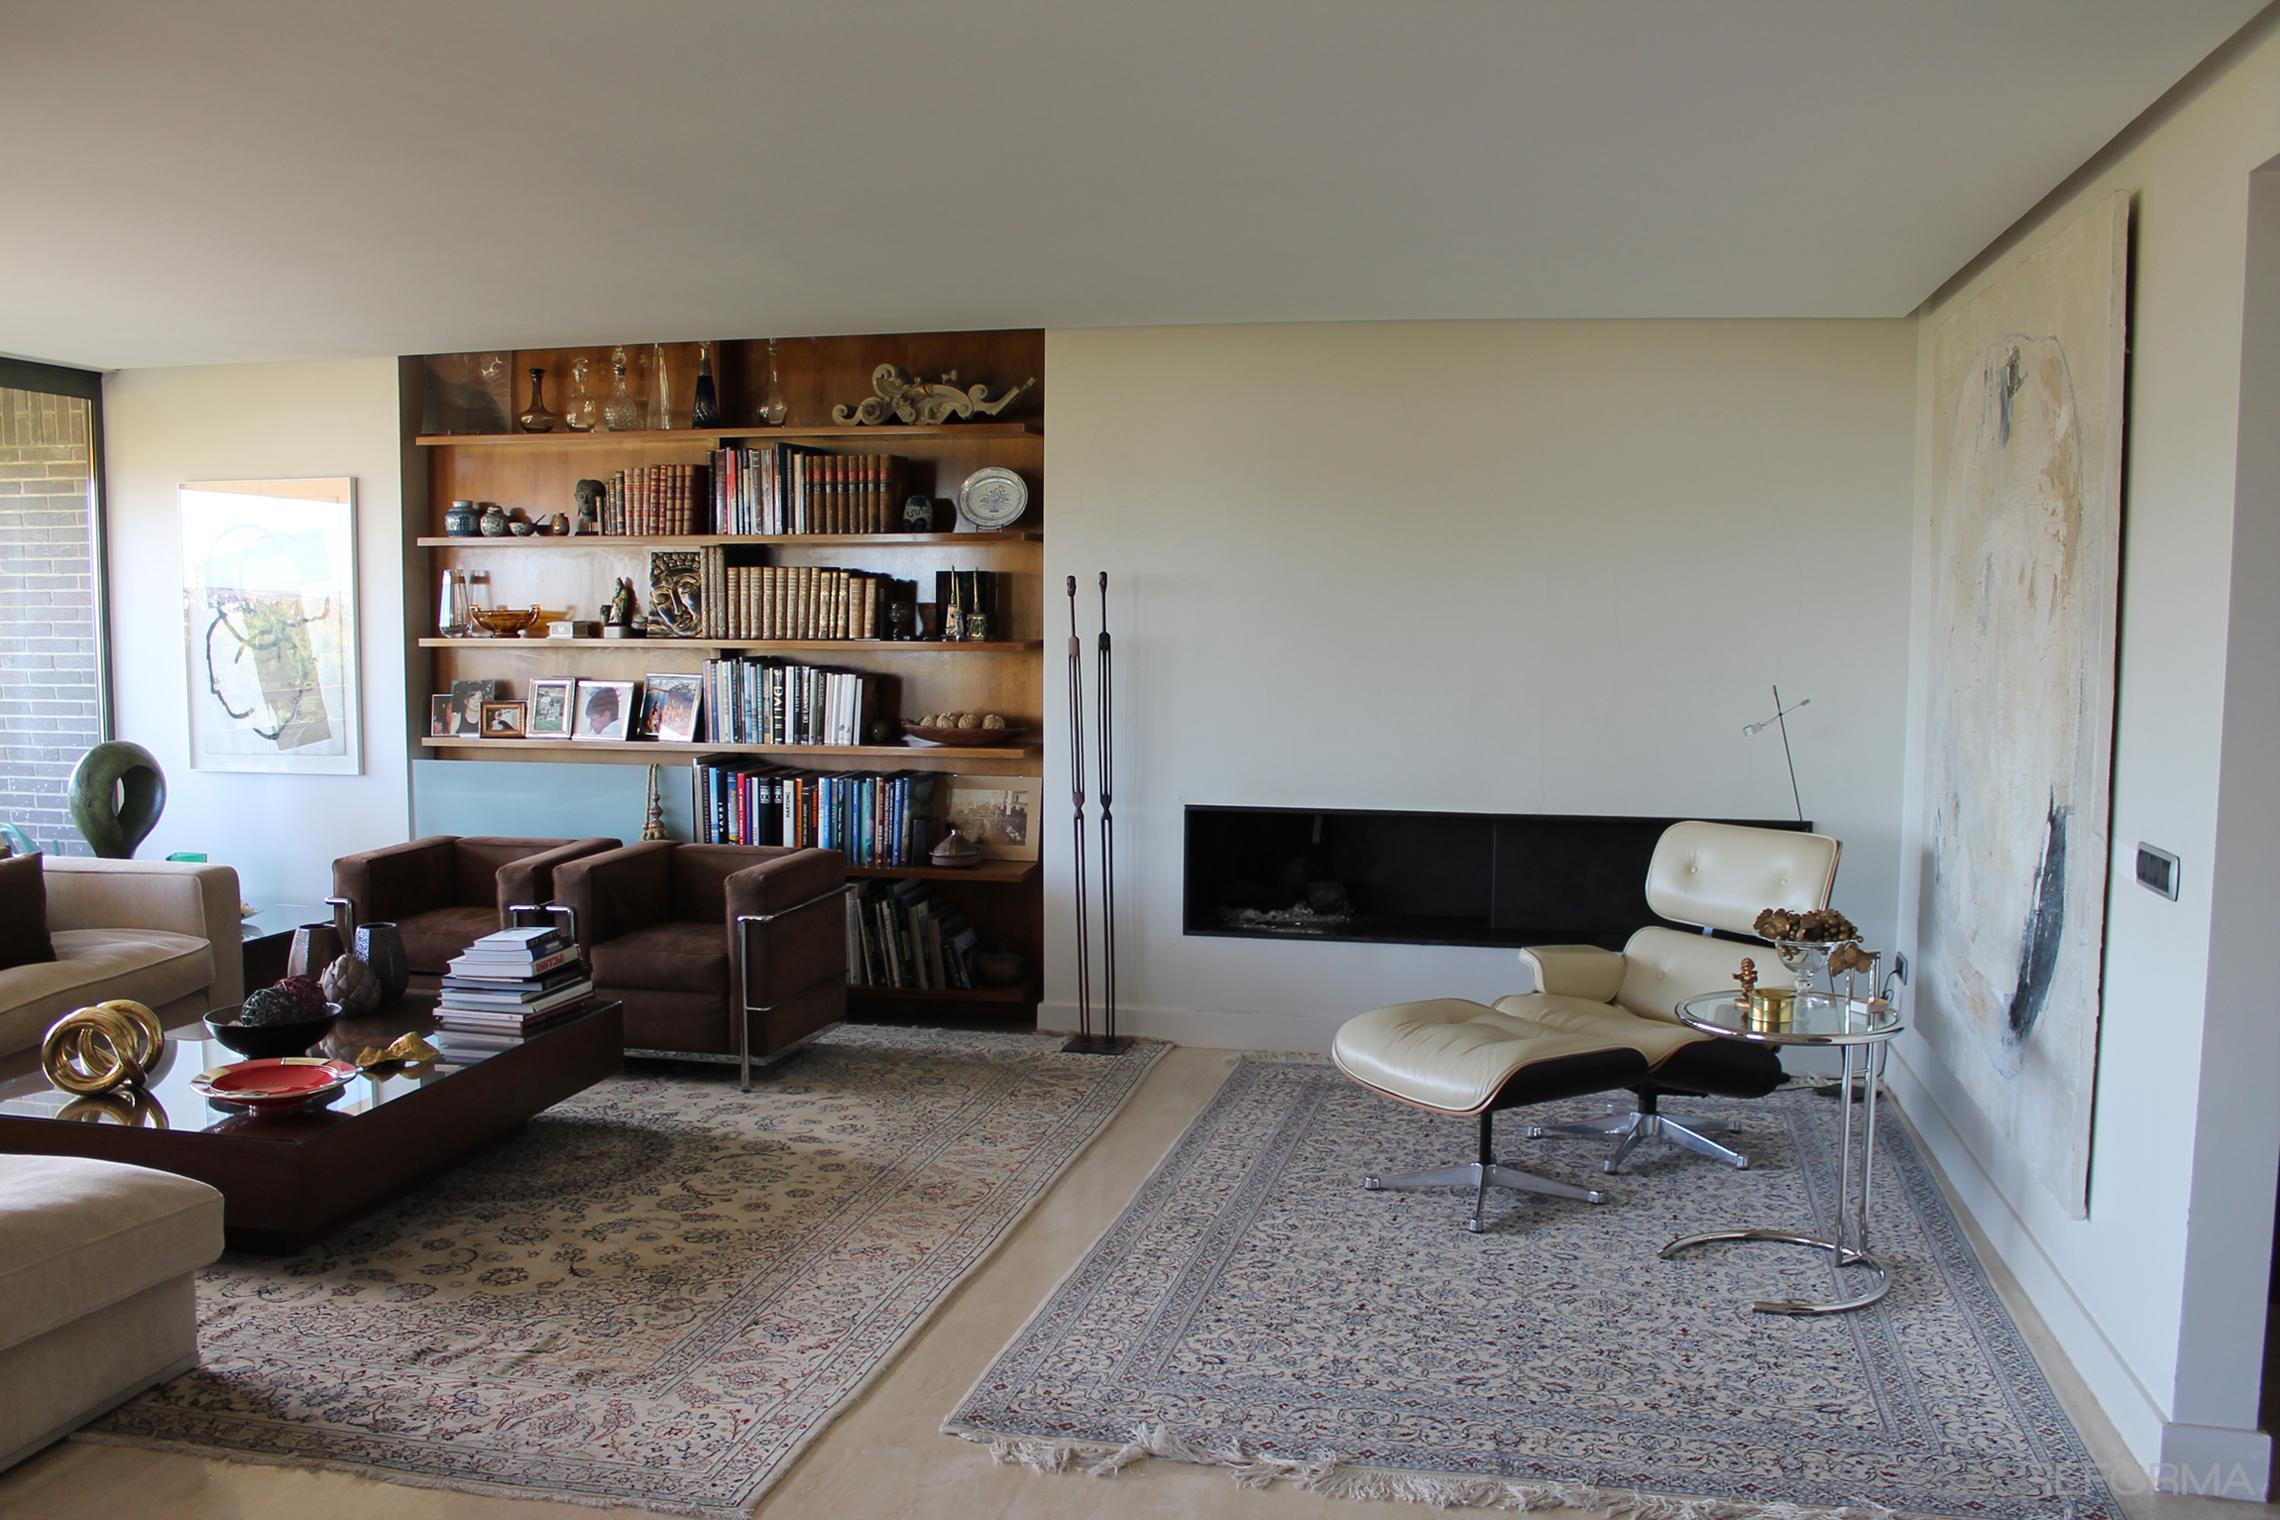 Salon style moderno color beige, marron, plateado  diseñado por C&R Arquitectura | Arquitecto